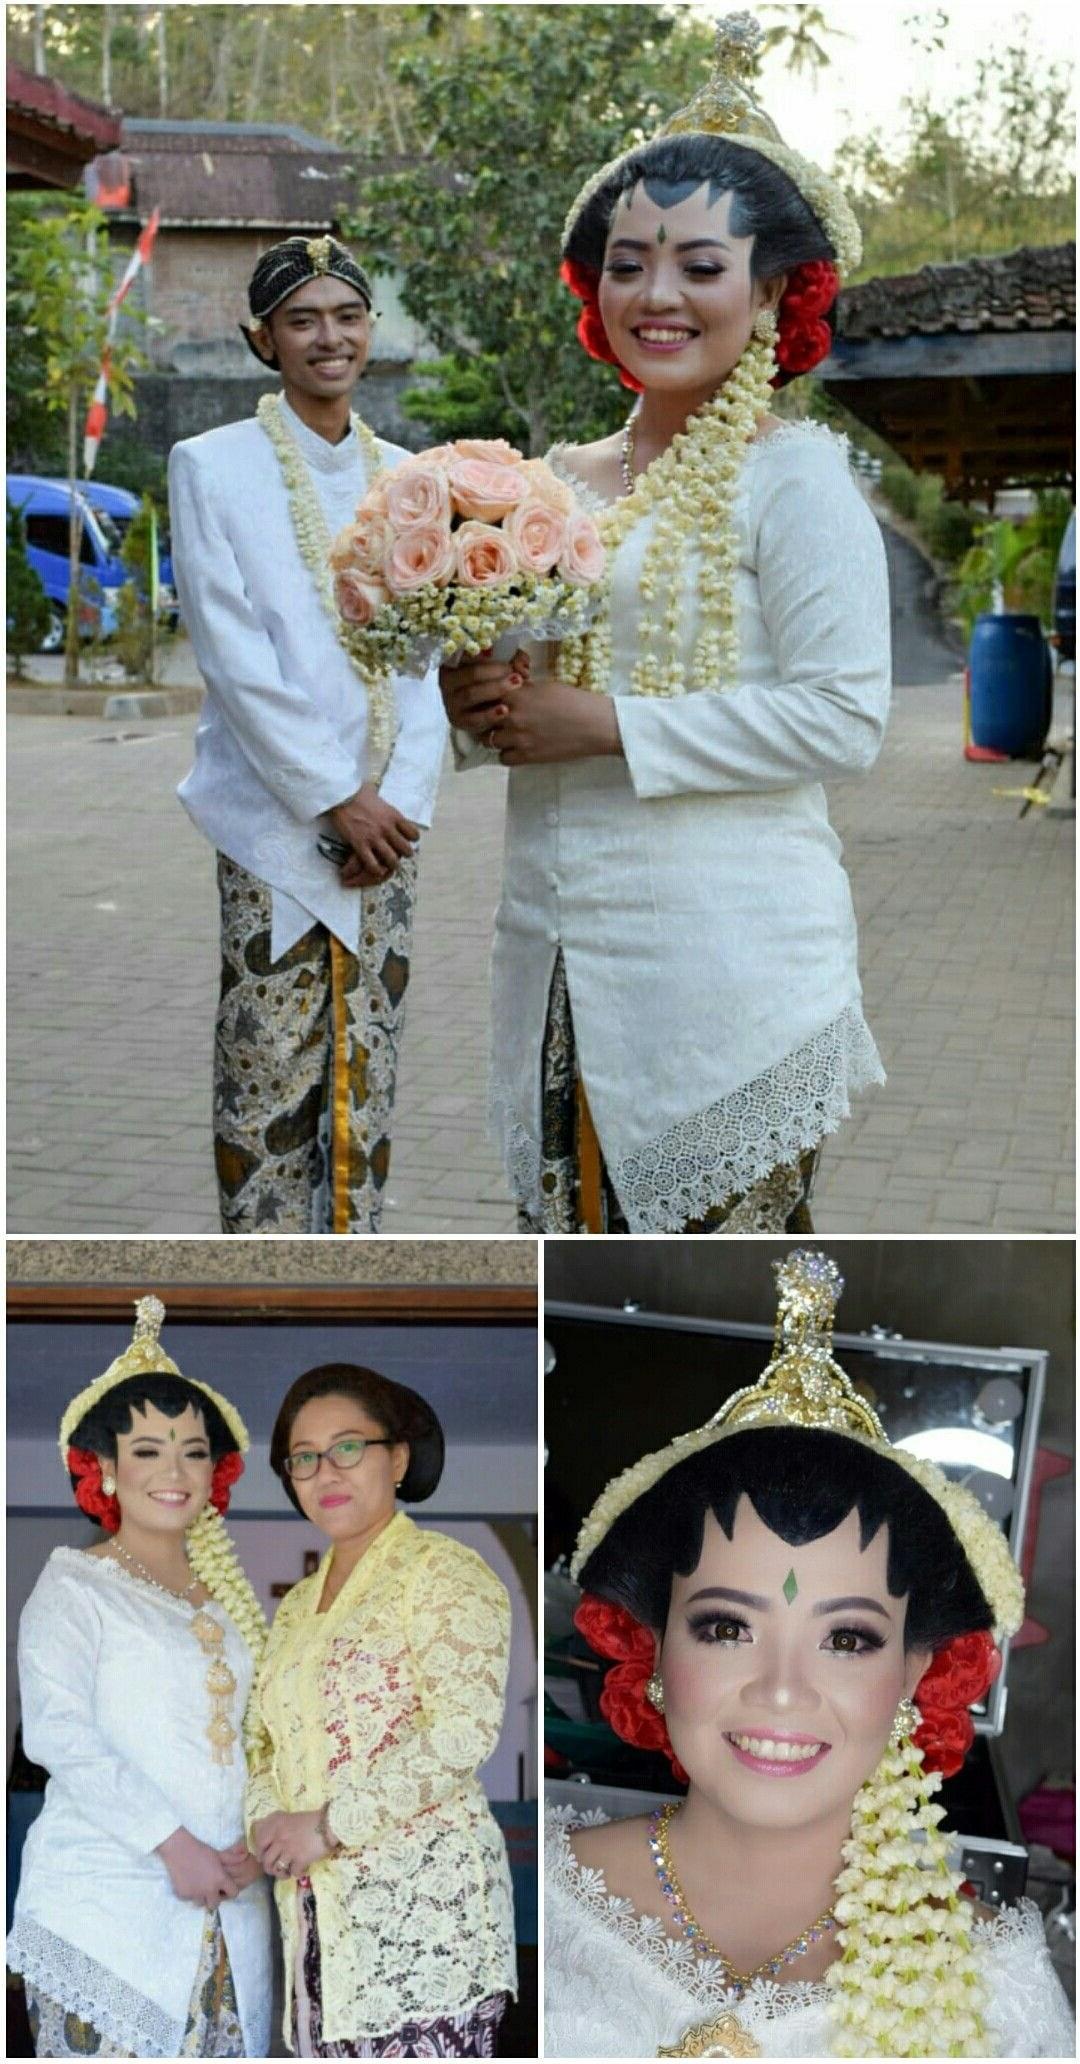 Ide Baju Pengantin Muslim Adat Jawa Qwdq Jogja Putri Wedding Makeup Muntilan Magelang